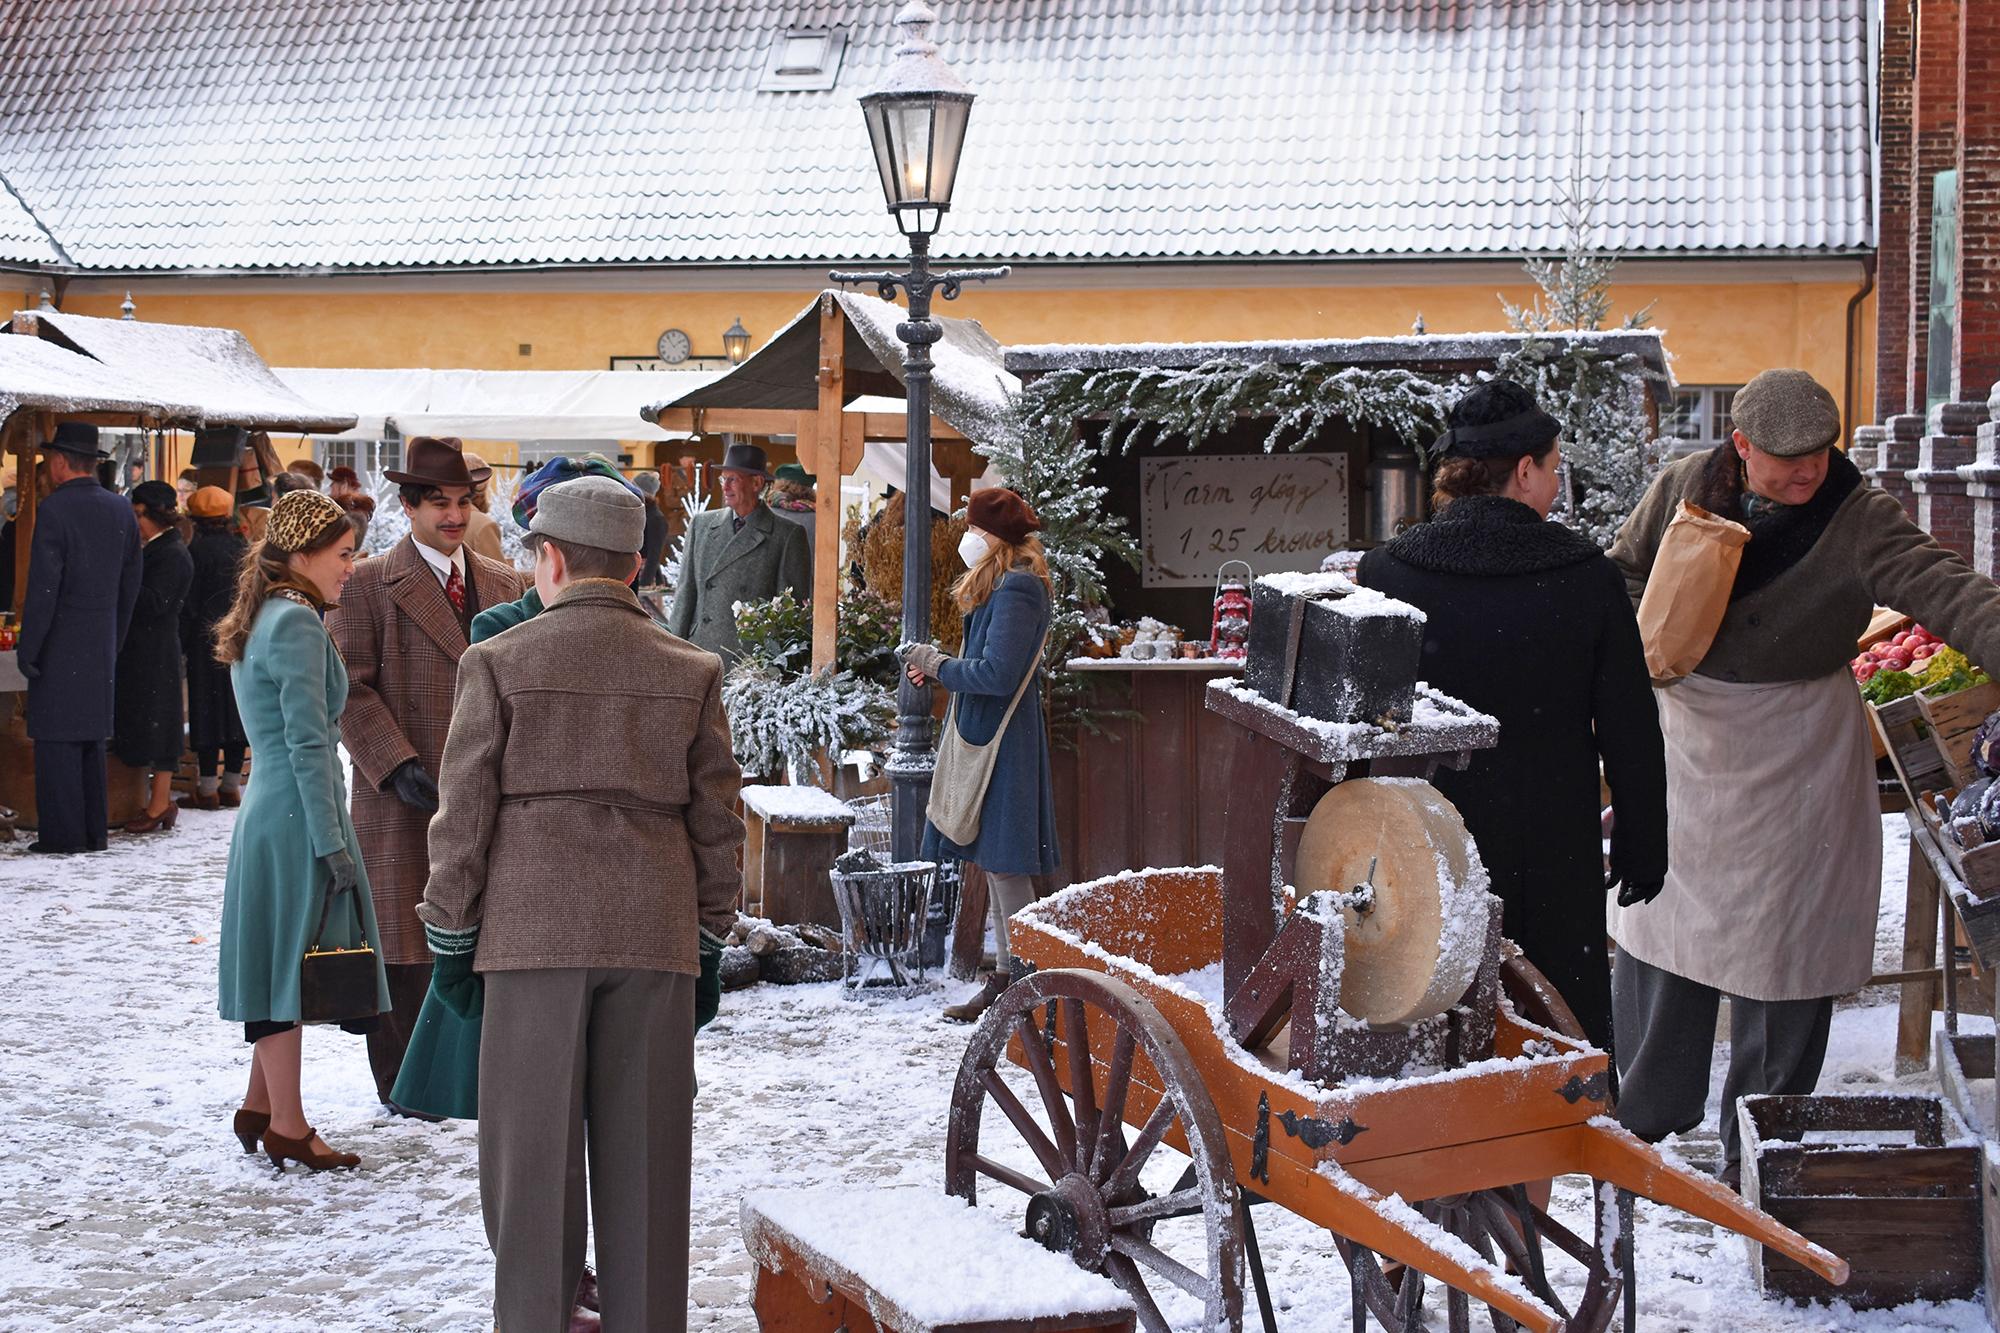 Människor i äldre klädsel står runt julmarknadsstånd på en snöfylld gård.